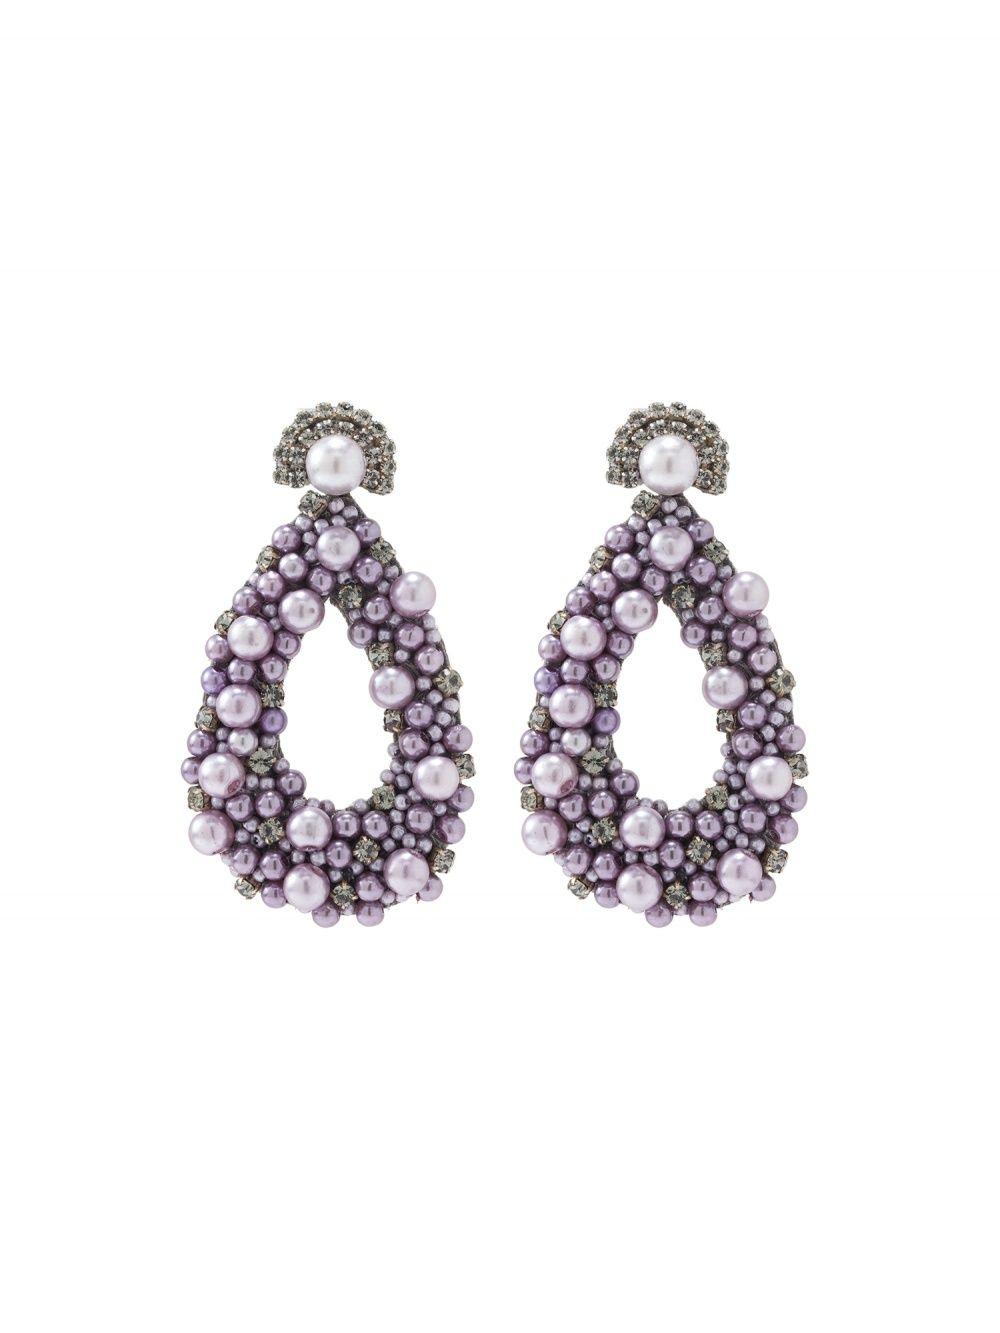 Deepa Gurnani Arabella Earrings Previous Next